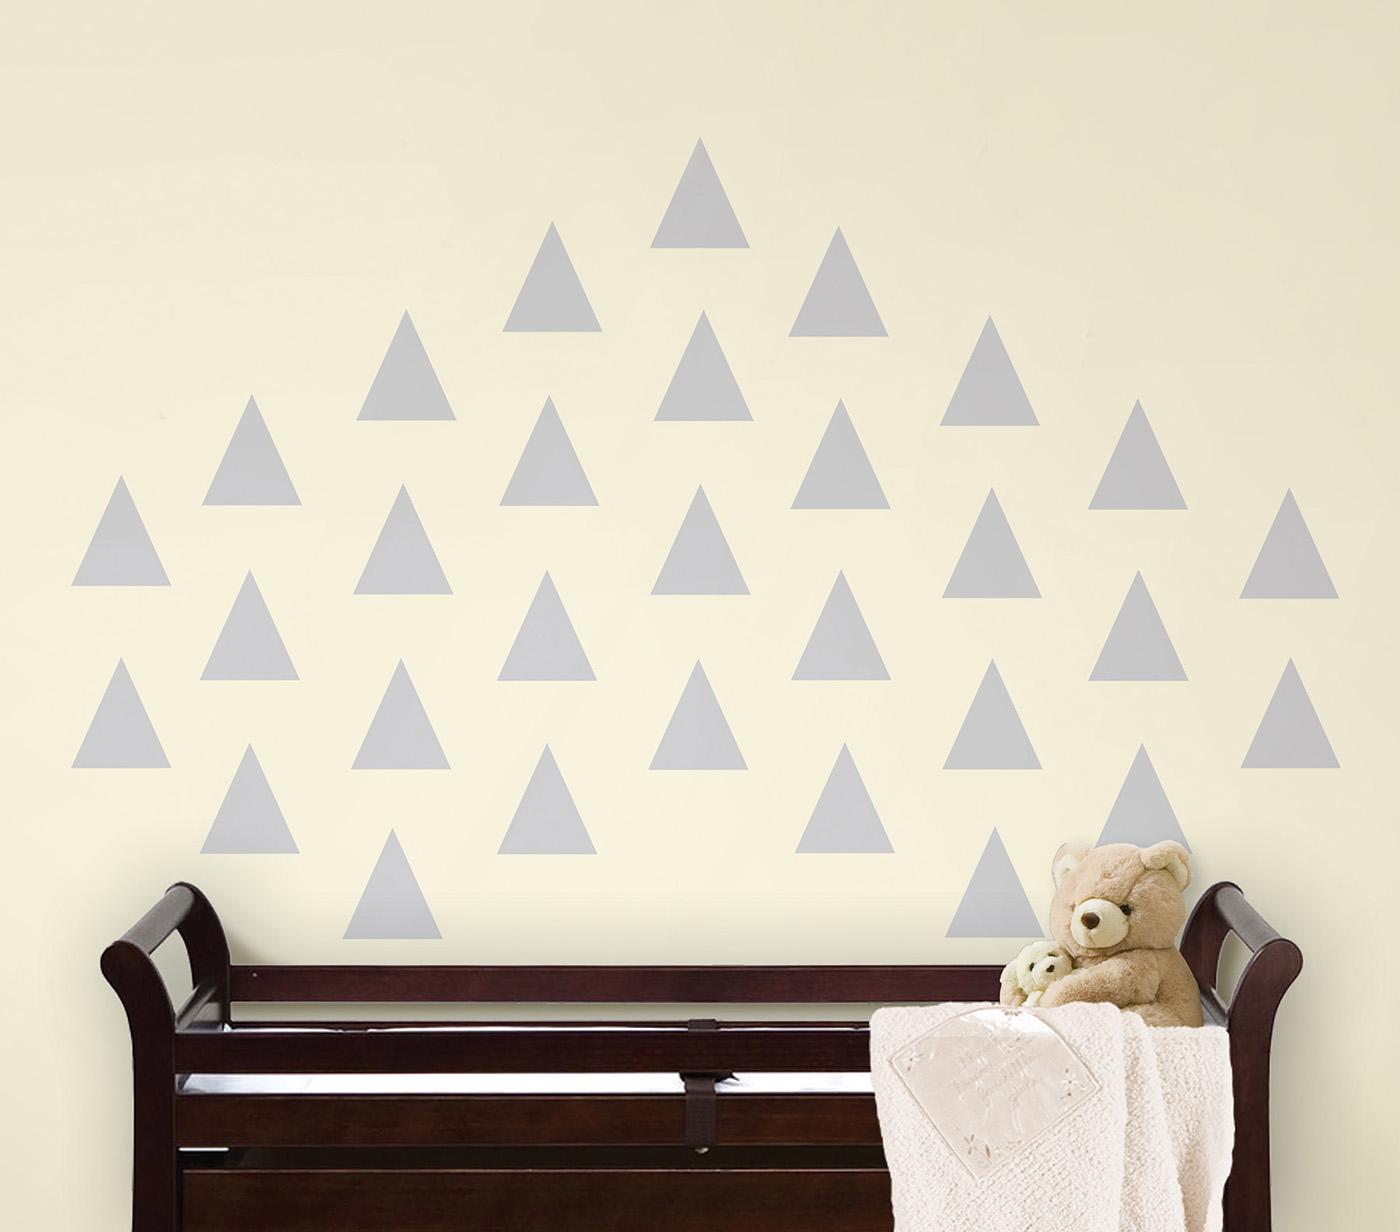 teepee wall decals